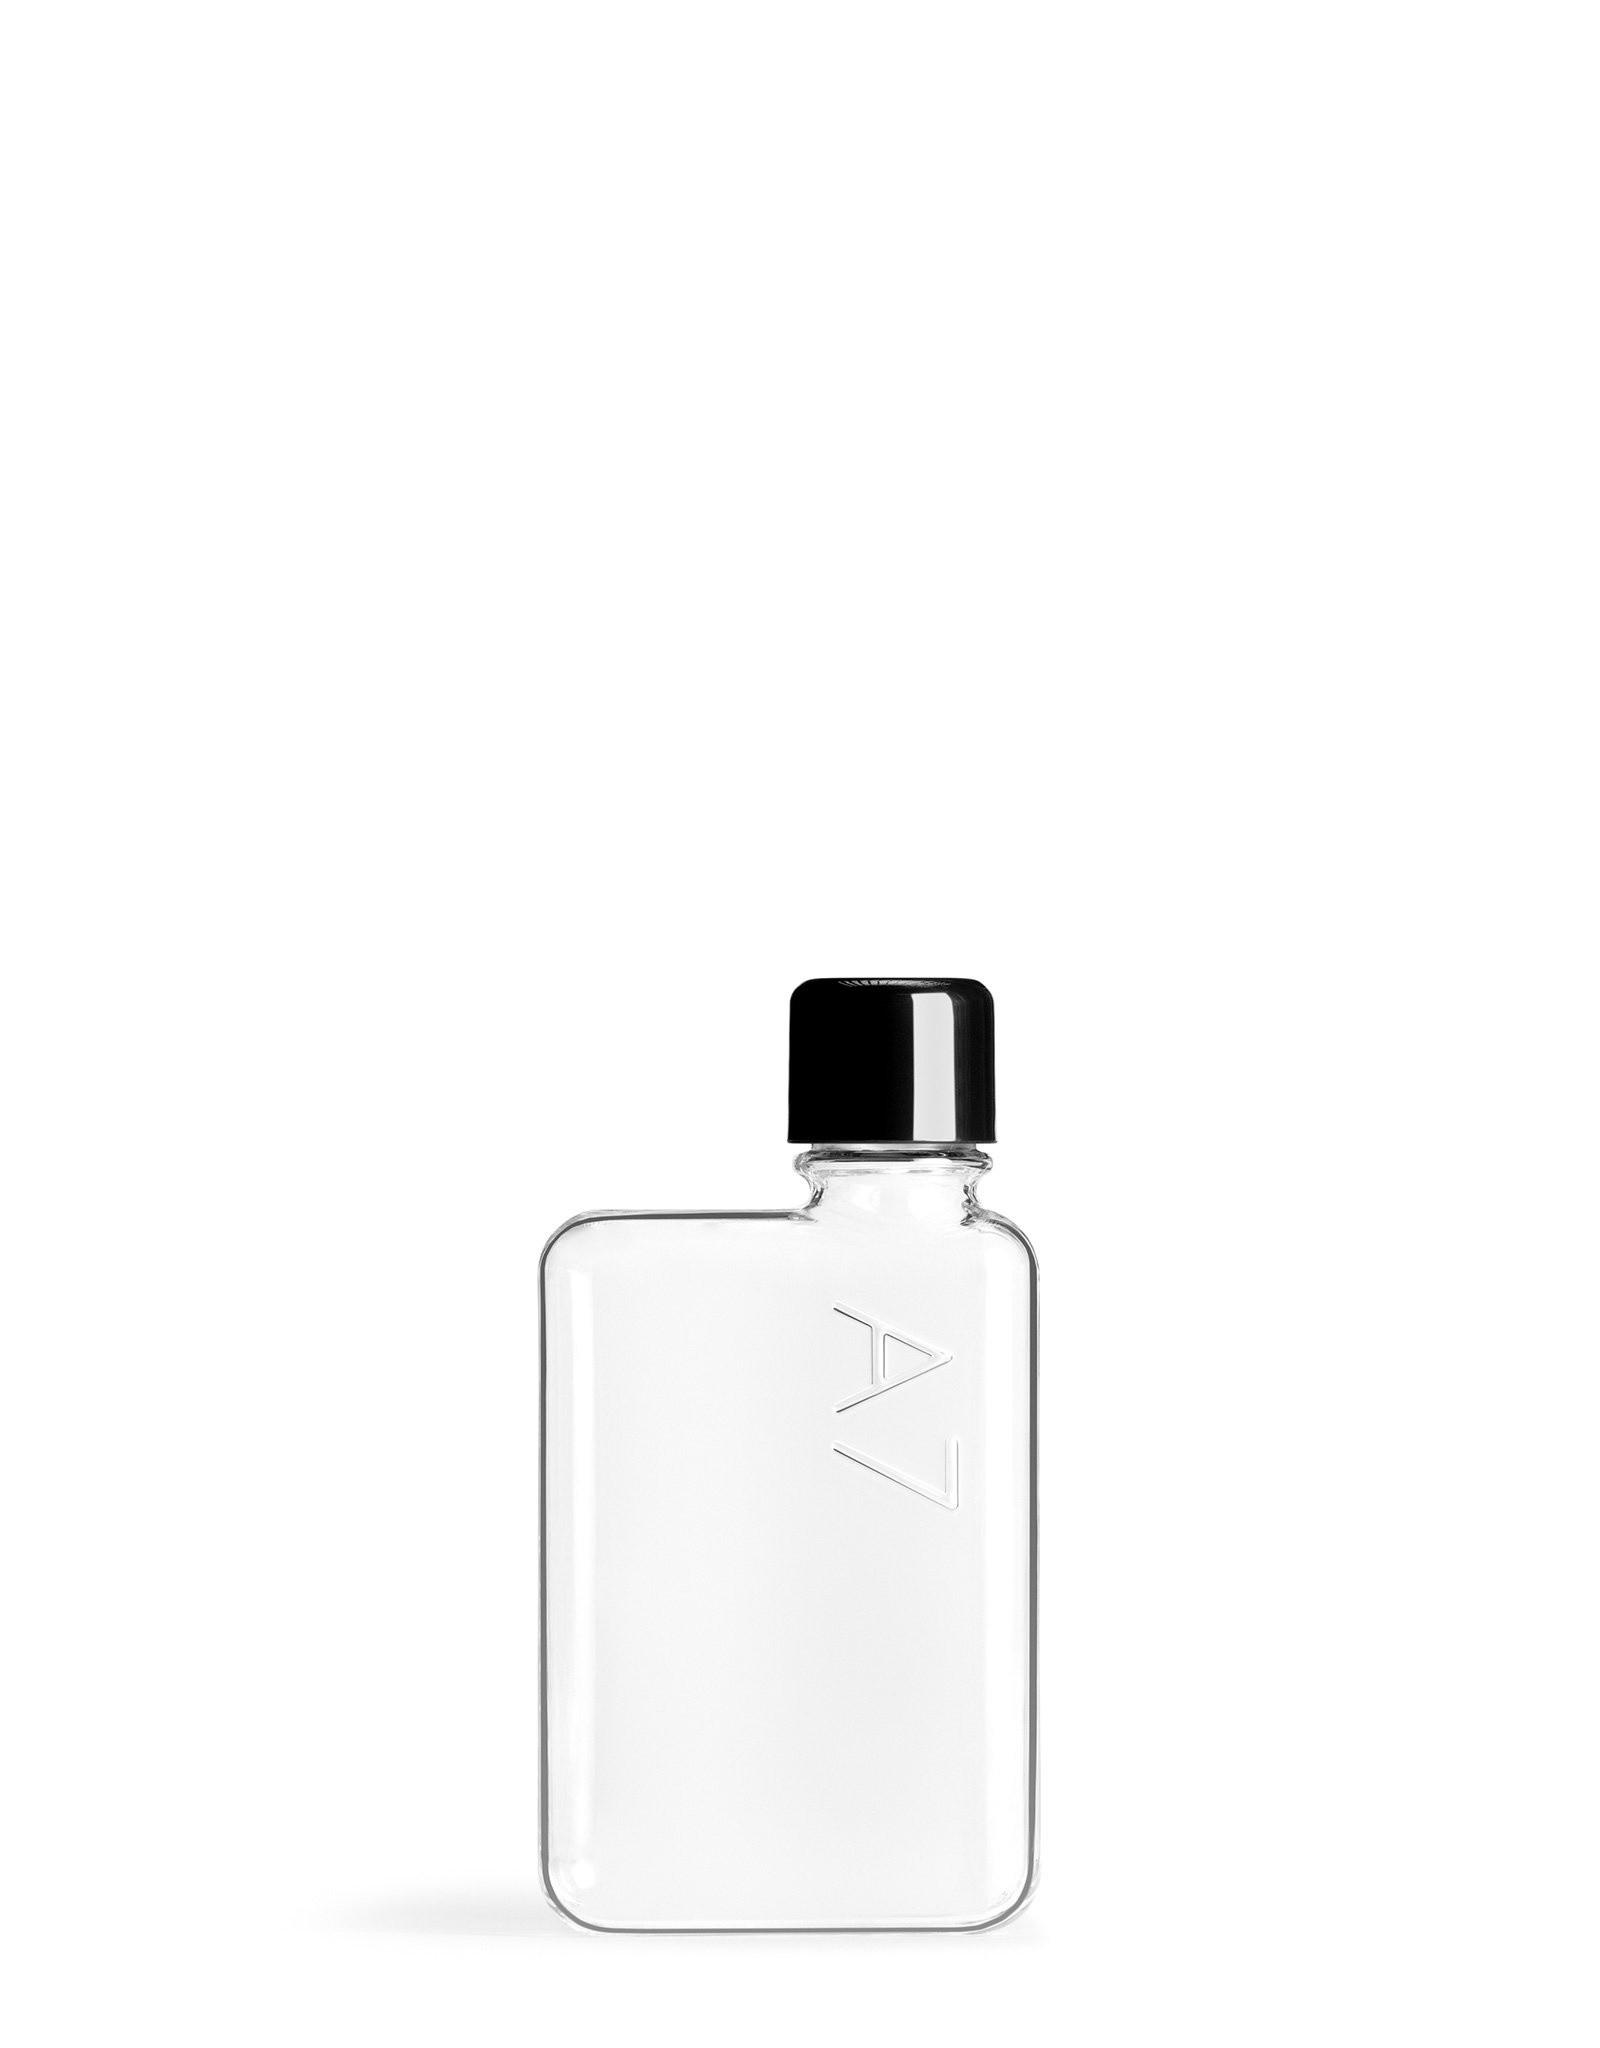 Memo bottle Memobottle